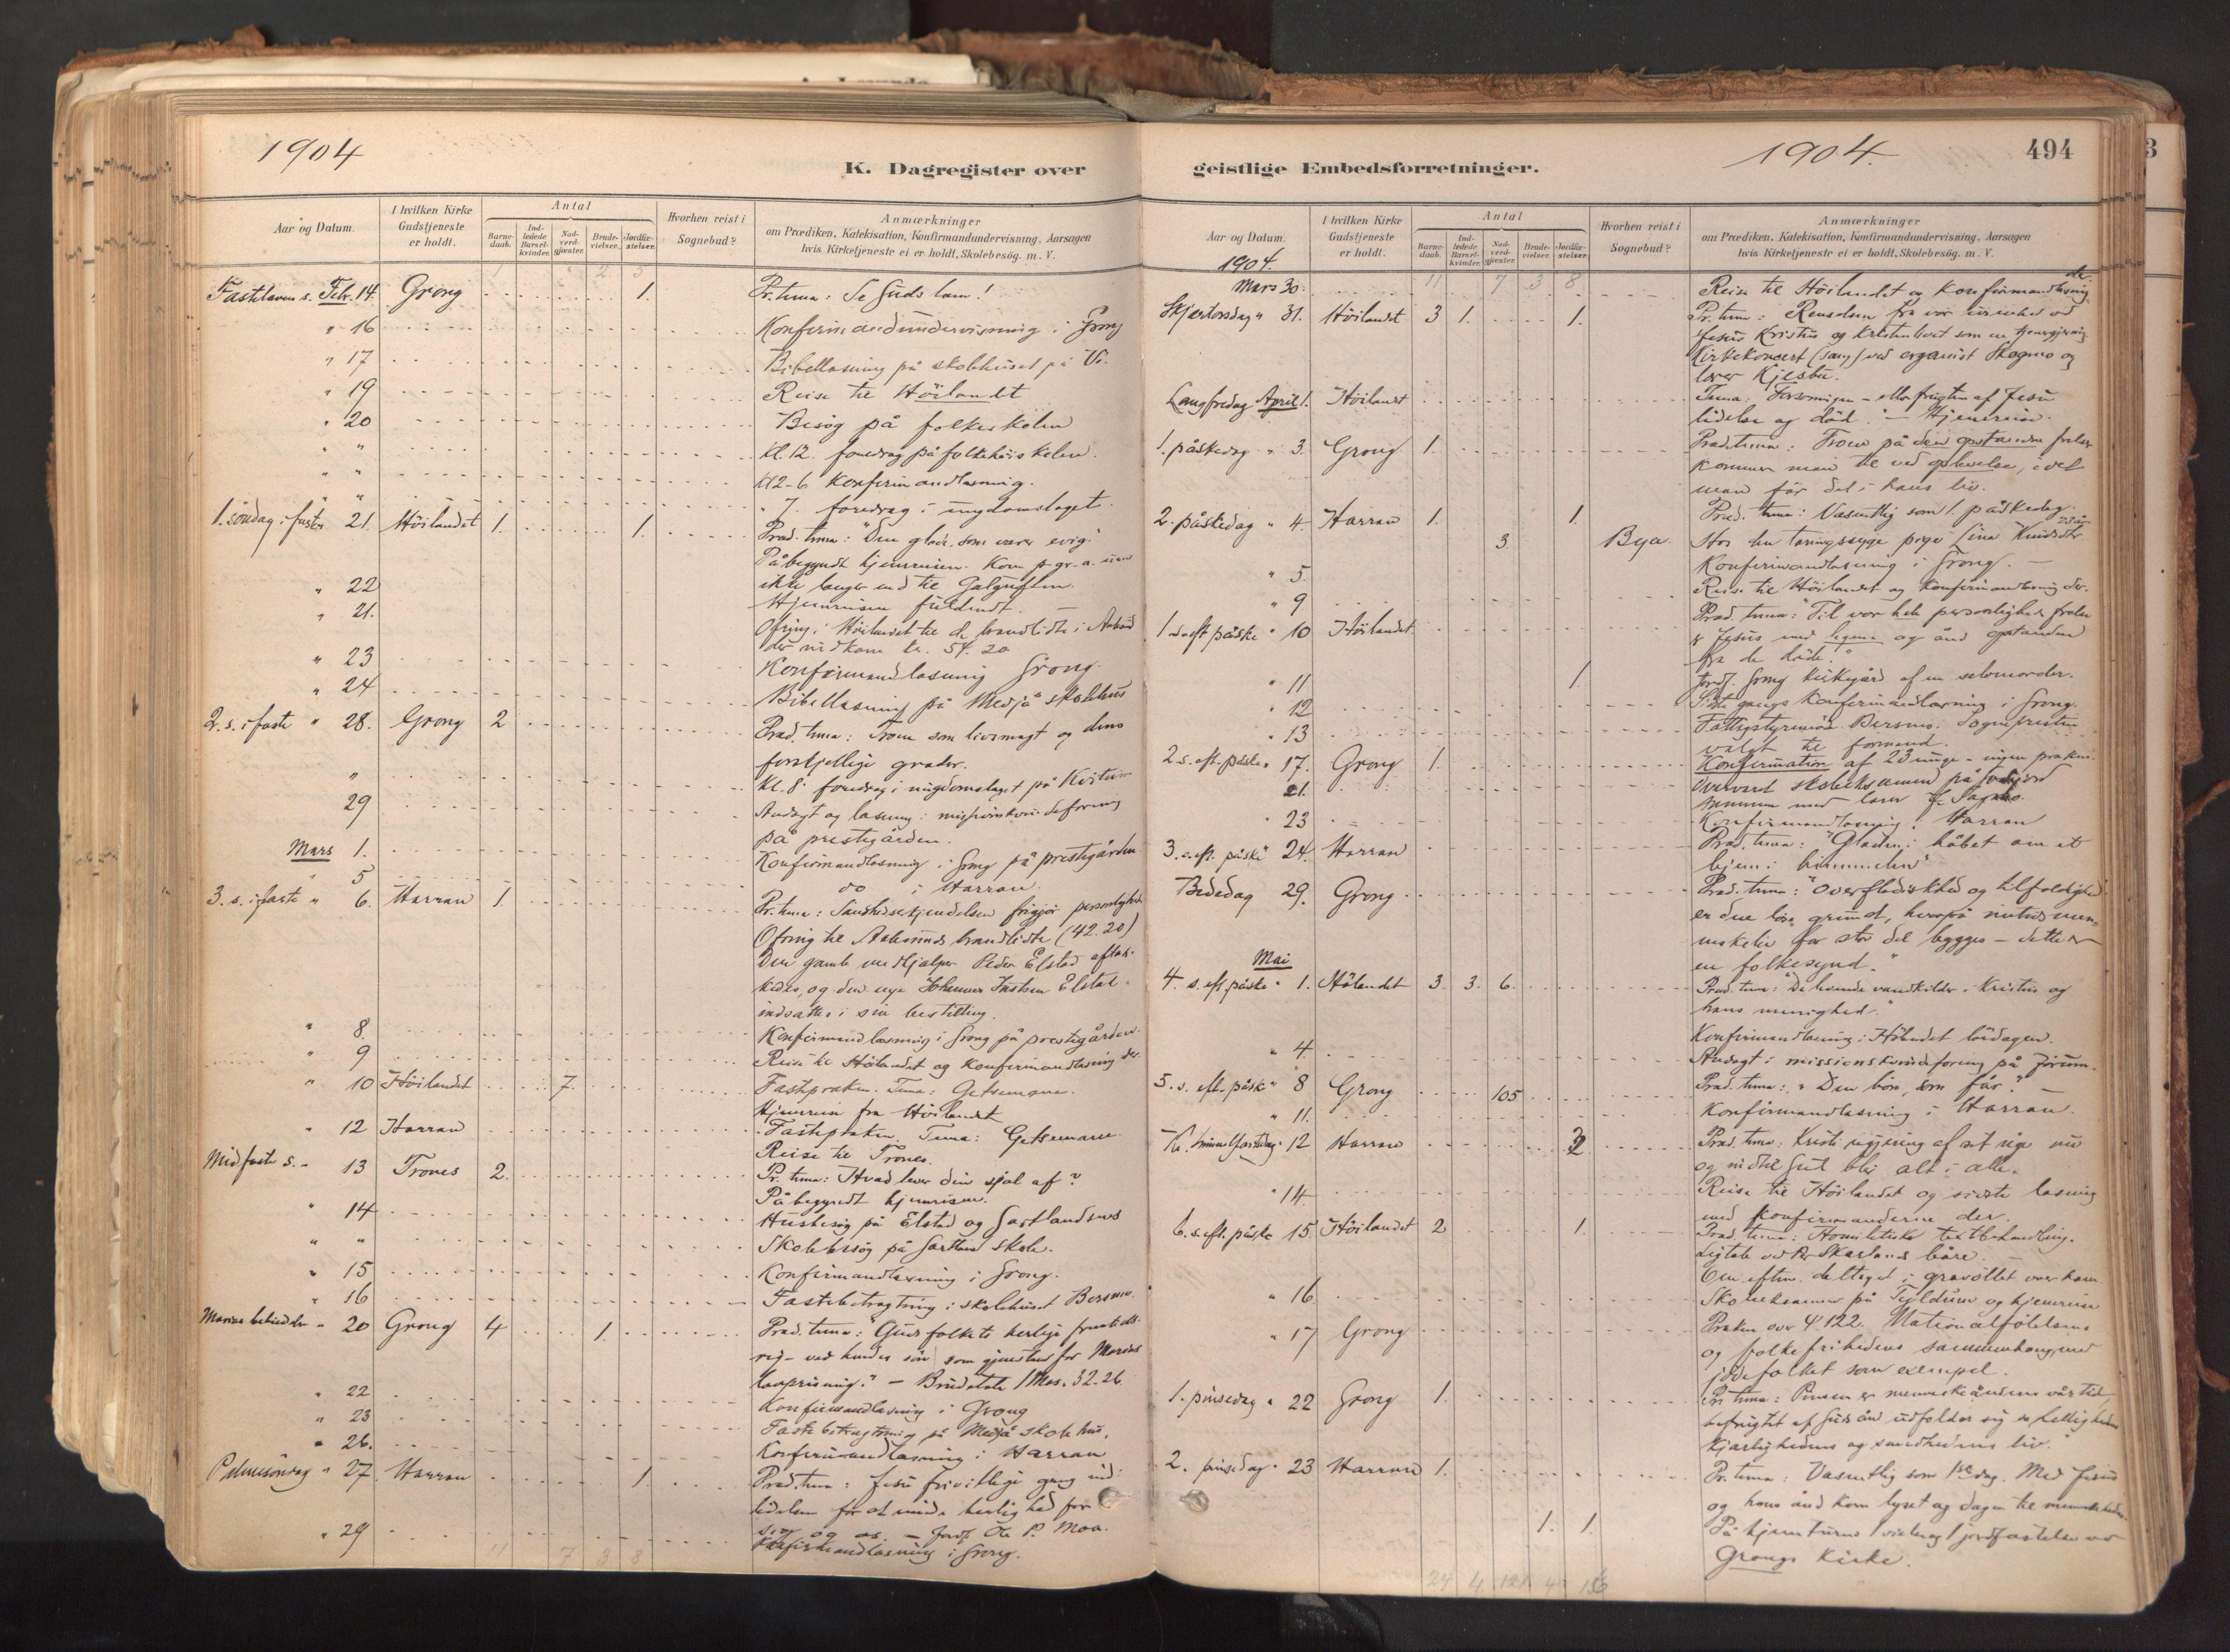 SAT, Ministerialprotokoller, klokkerbøker og fødselsregistre - Nord-Trøndelag, 758/L0519: Ministerialbok nr. 758A04, 1880-1926, s. 494